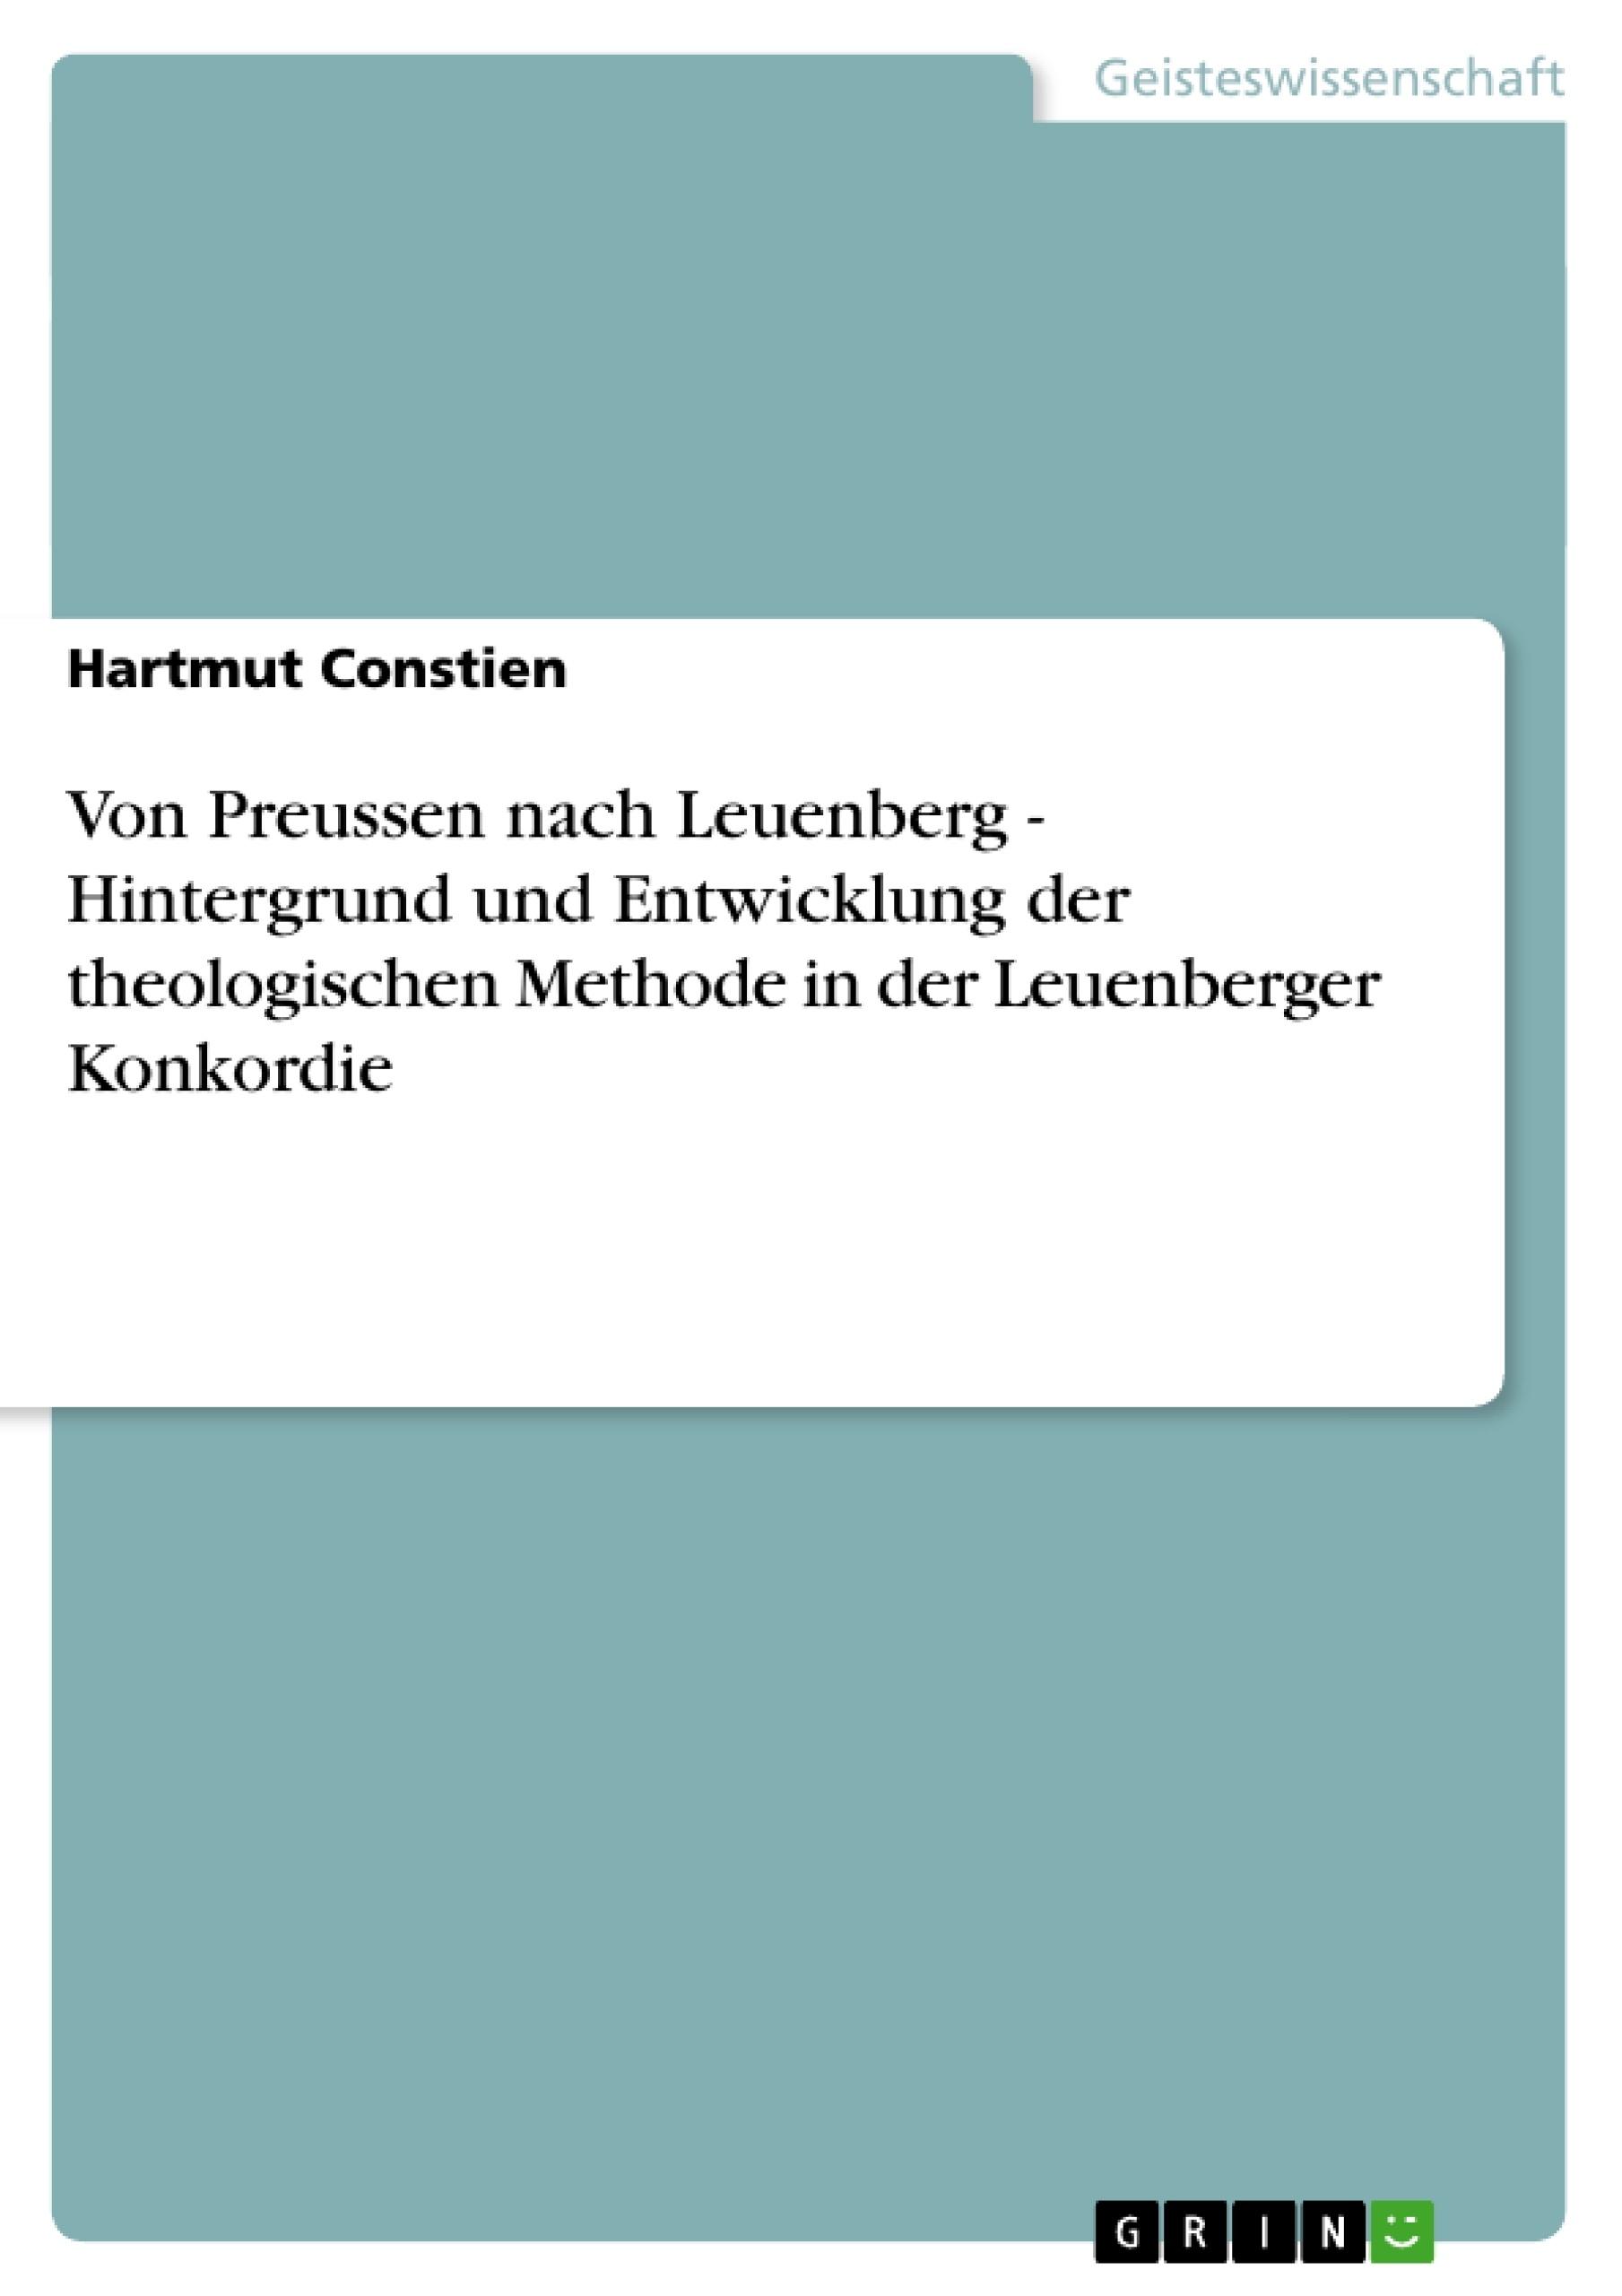 Titel: Von Preussen nach Leuenberg - Hintergrund und Entwicklung der theologischen Methode in der Leuenberger Konkordie